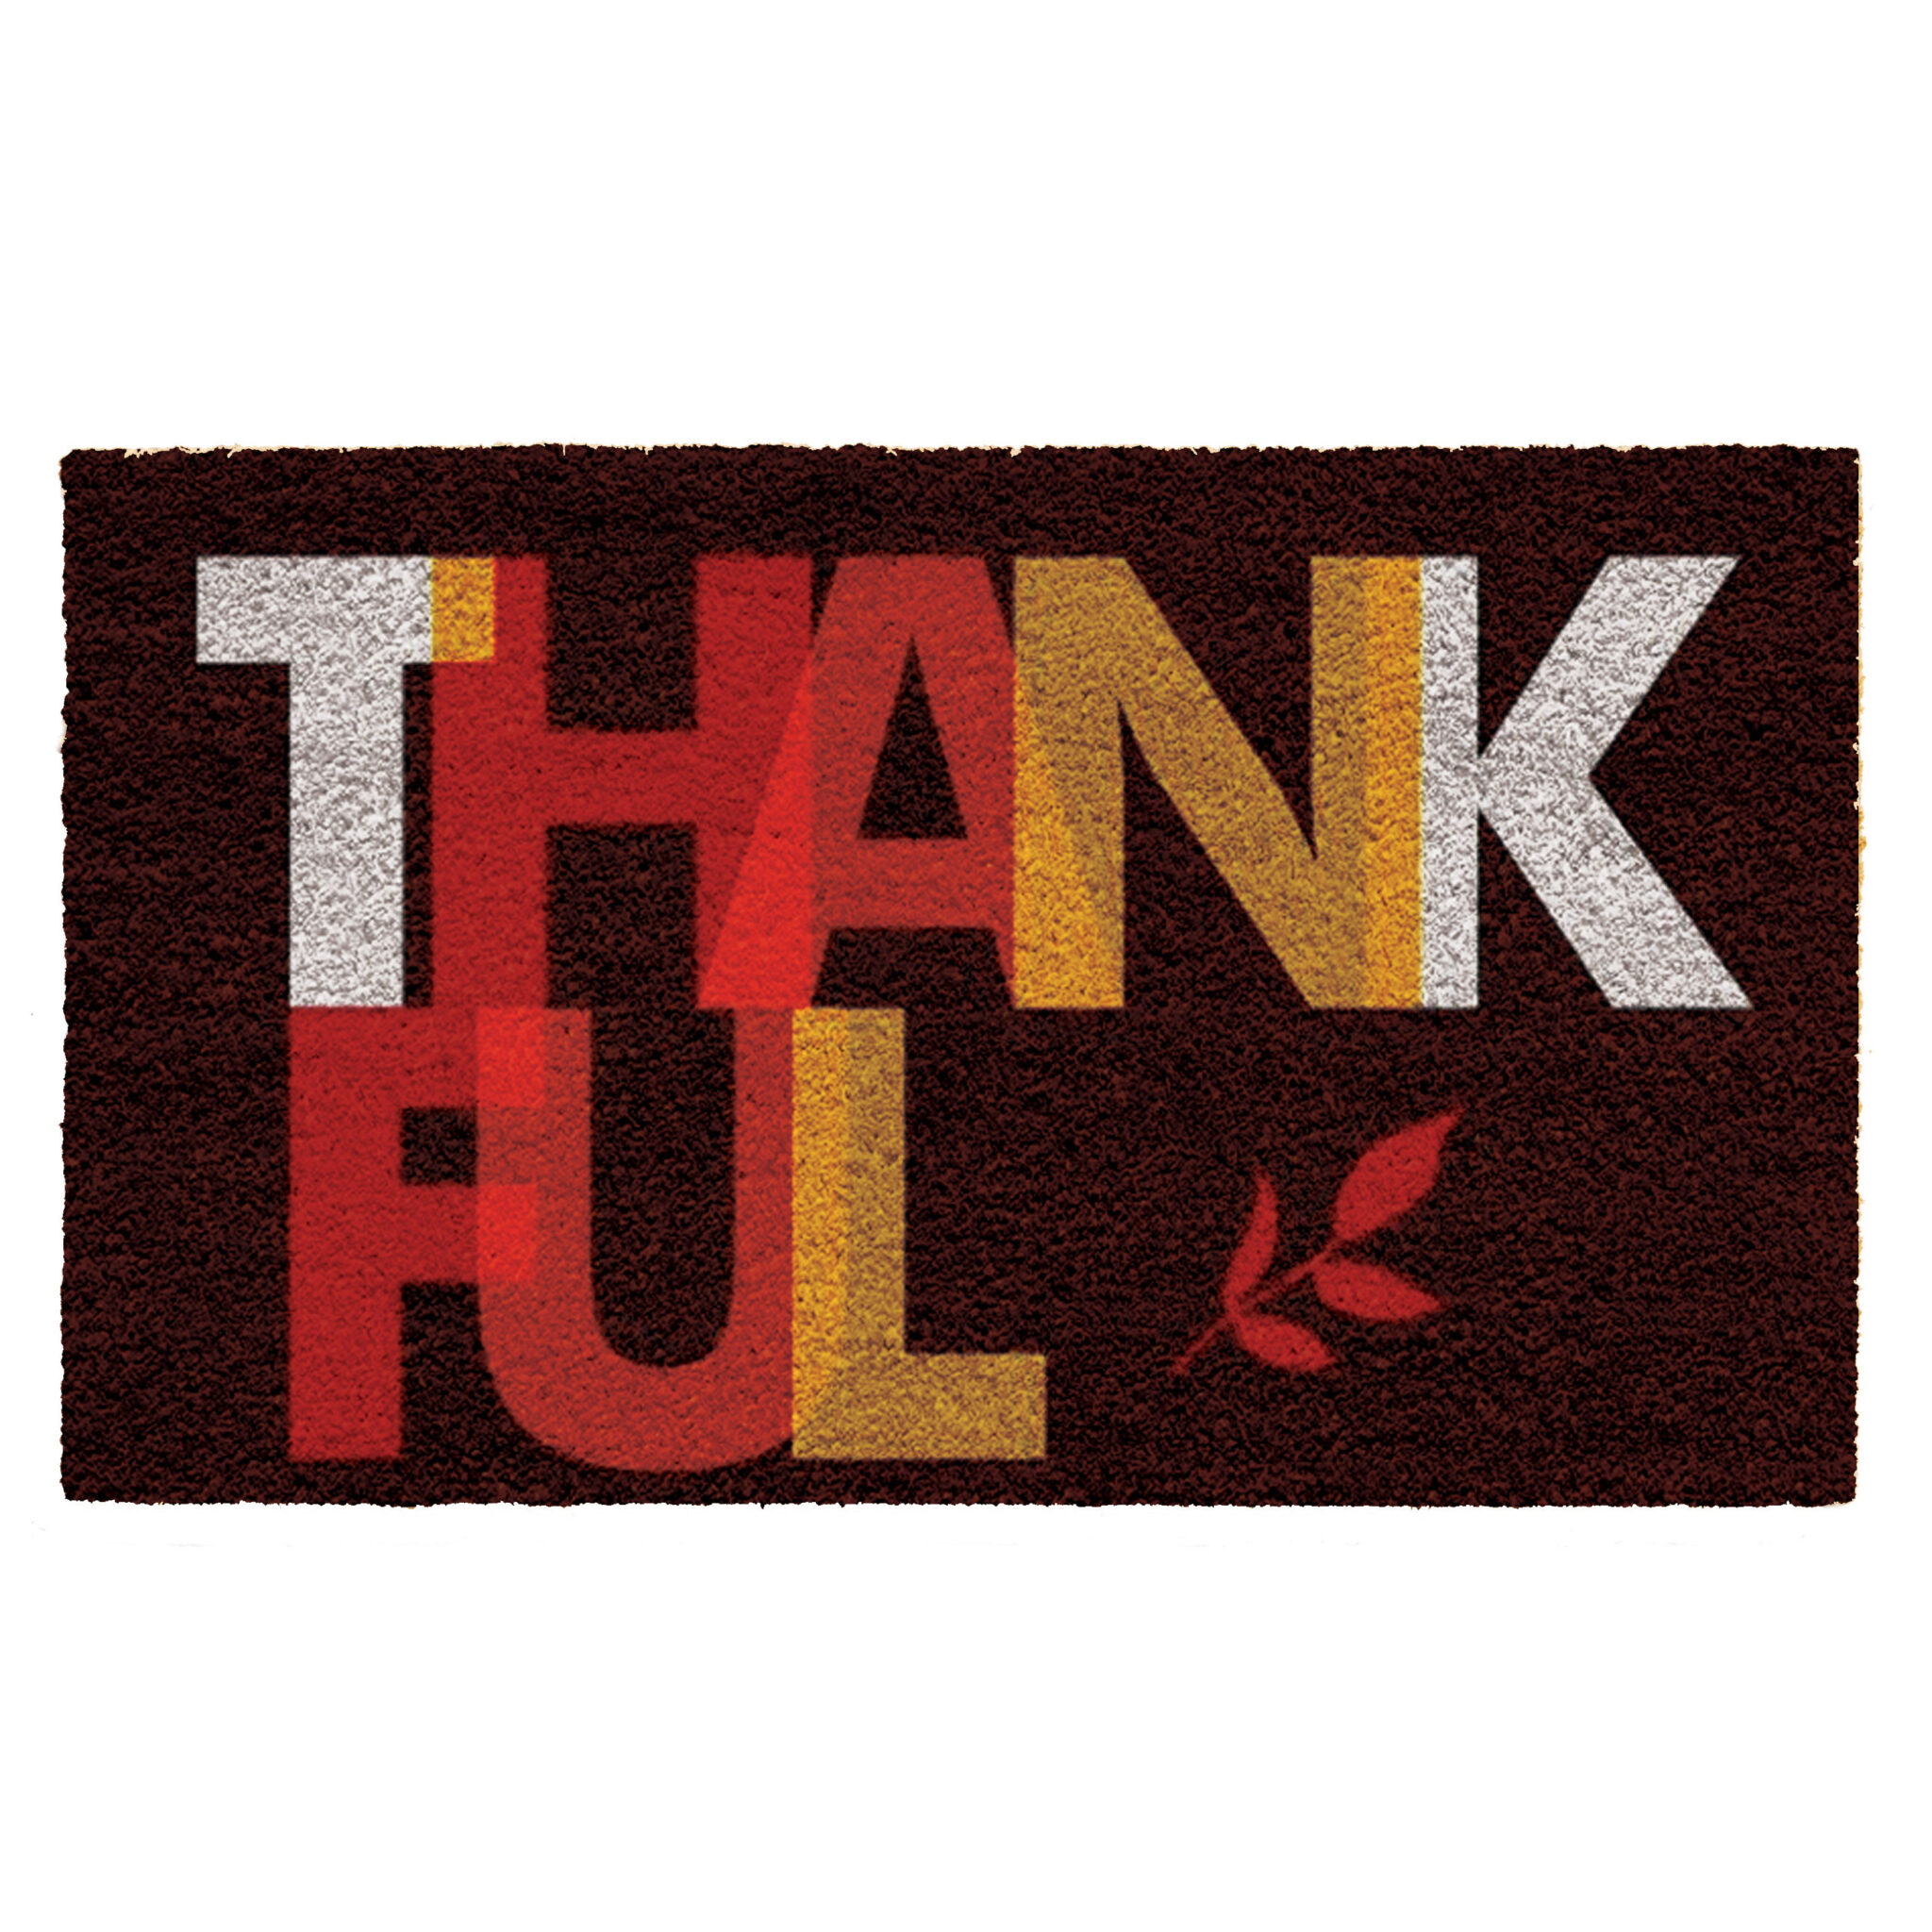 Calloway Mills Thankful Outdoor Doormat $25.99